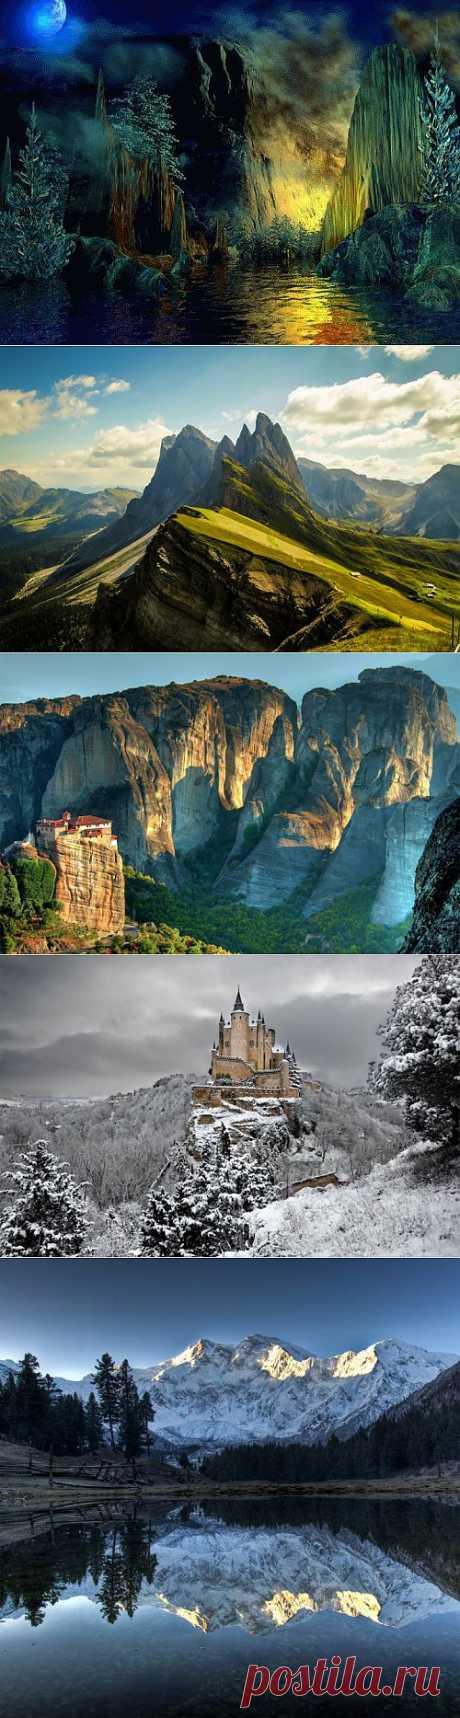 (+1) - Удивительная красота гор! | УДИВИТЕЛЬНОЕ